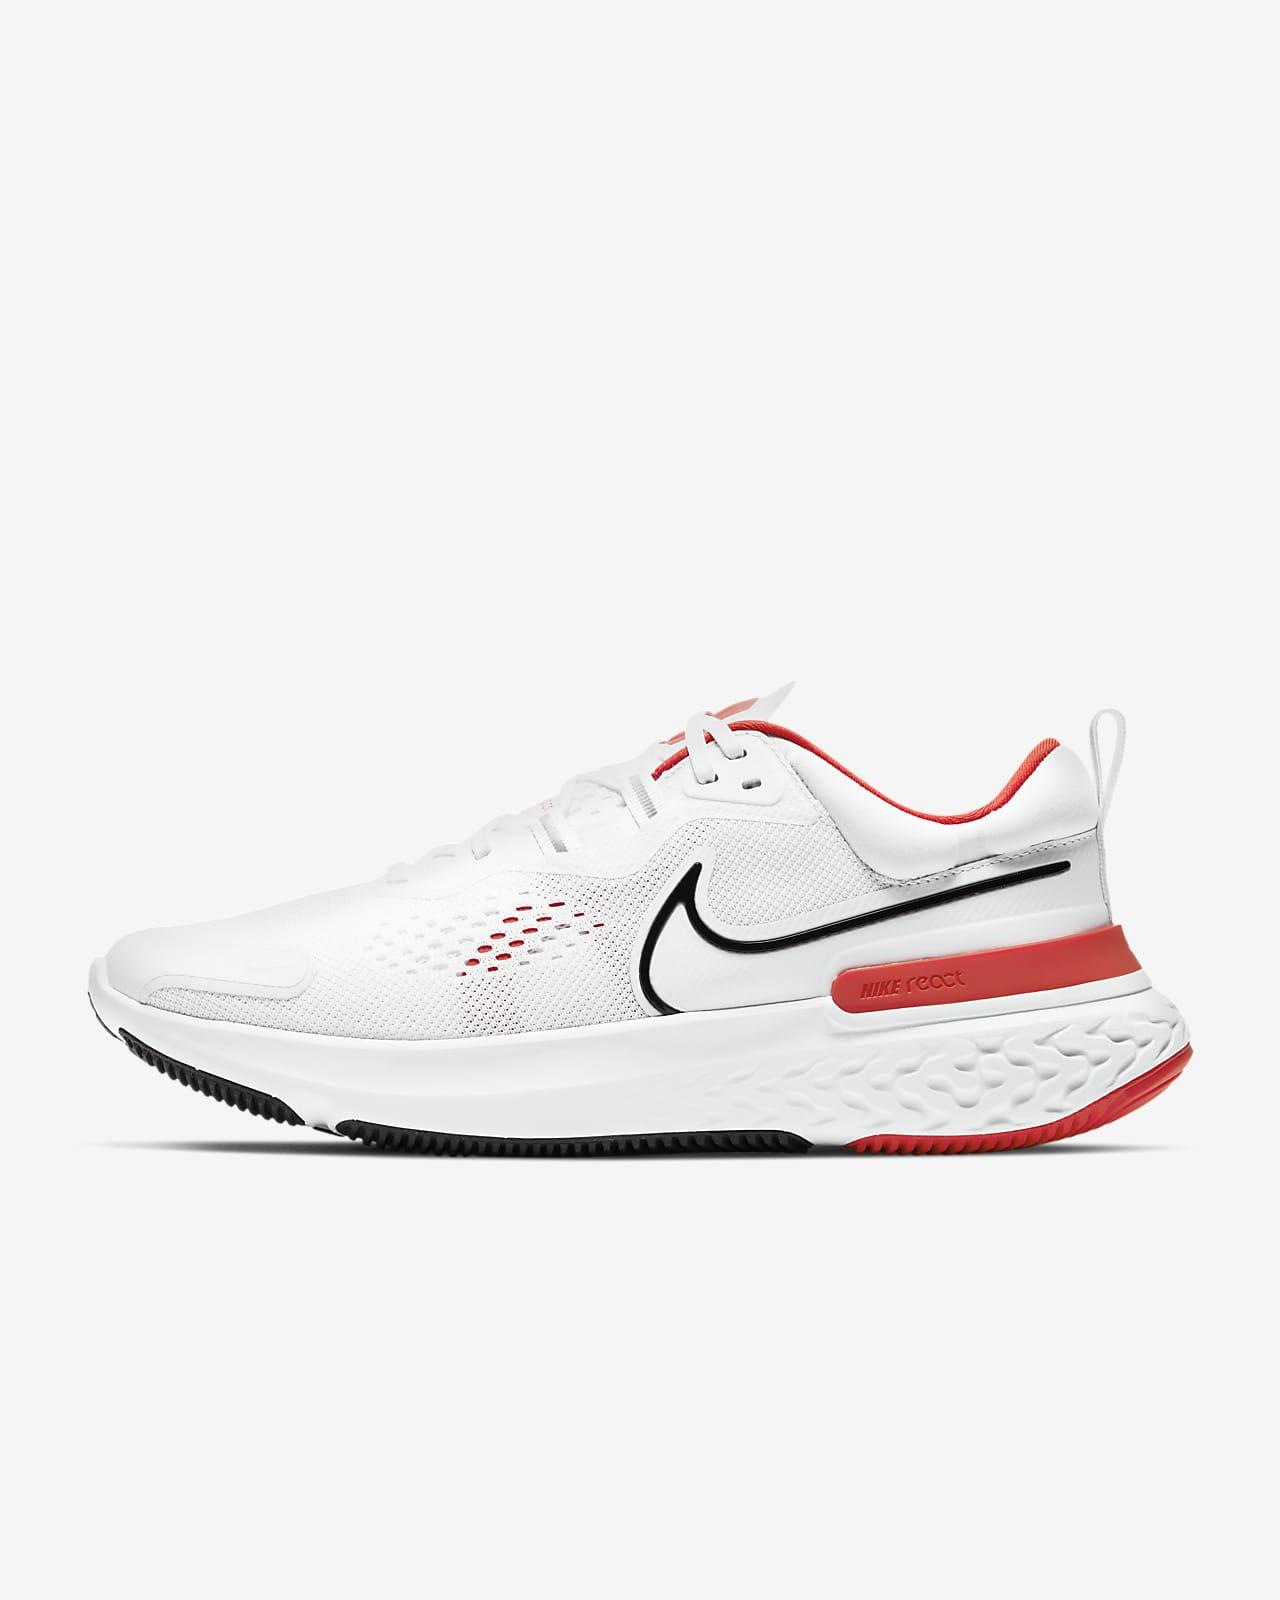 Nike React Miler 2 Men's Road Running Shoe. Nike LU